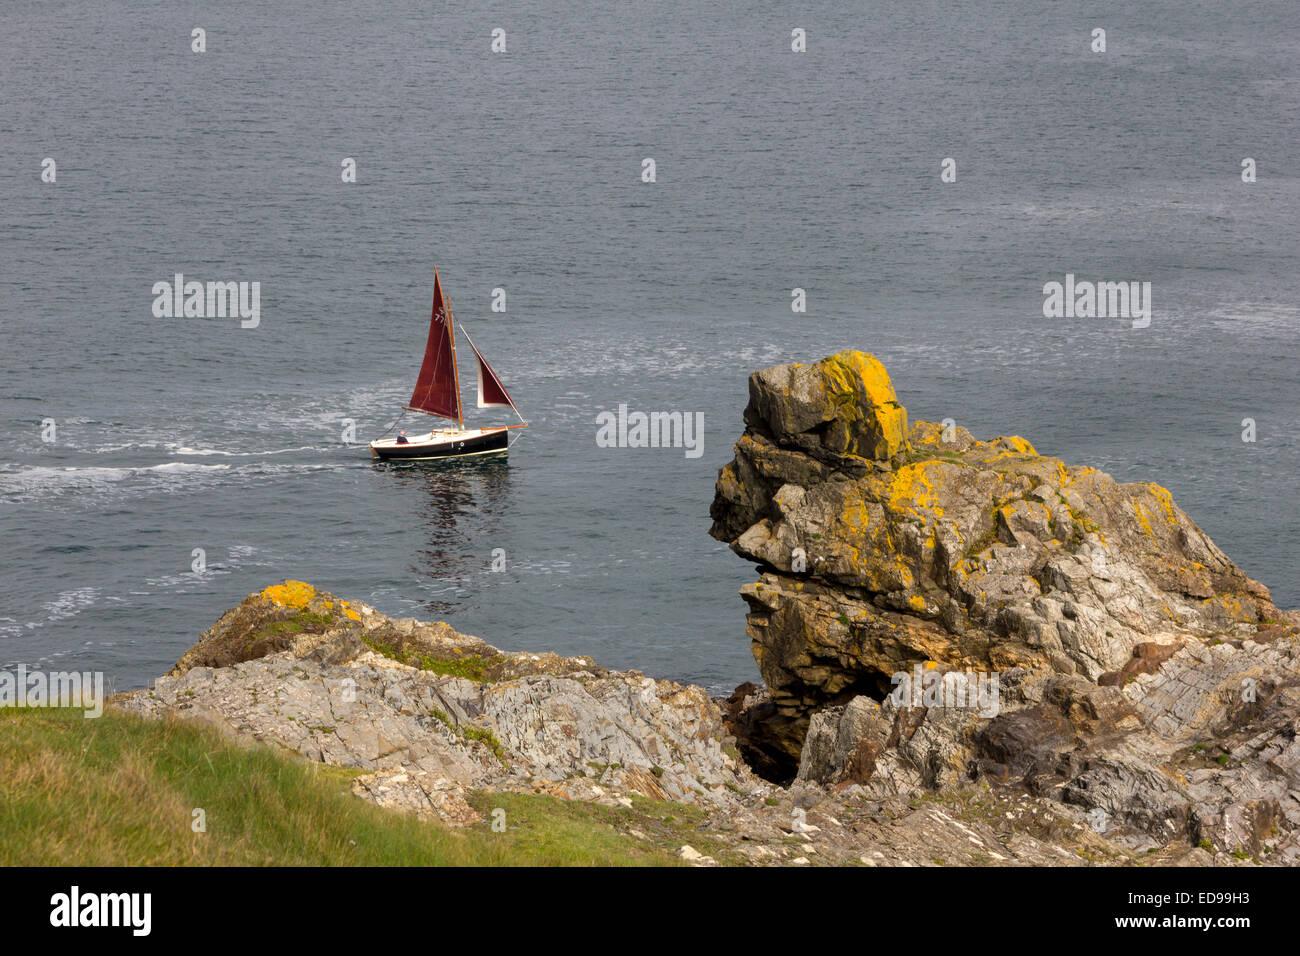 Bateau à voile avec un voile rouge, sur une mer calme, l'Arrondissement Chaises Rock Station de Sauvetage Padstow Cornwall, UK. Banque D'Images